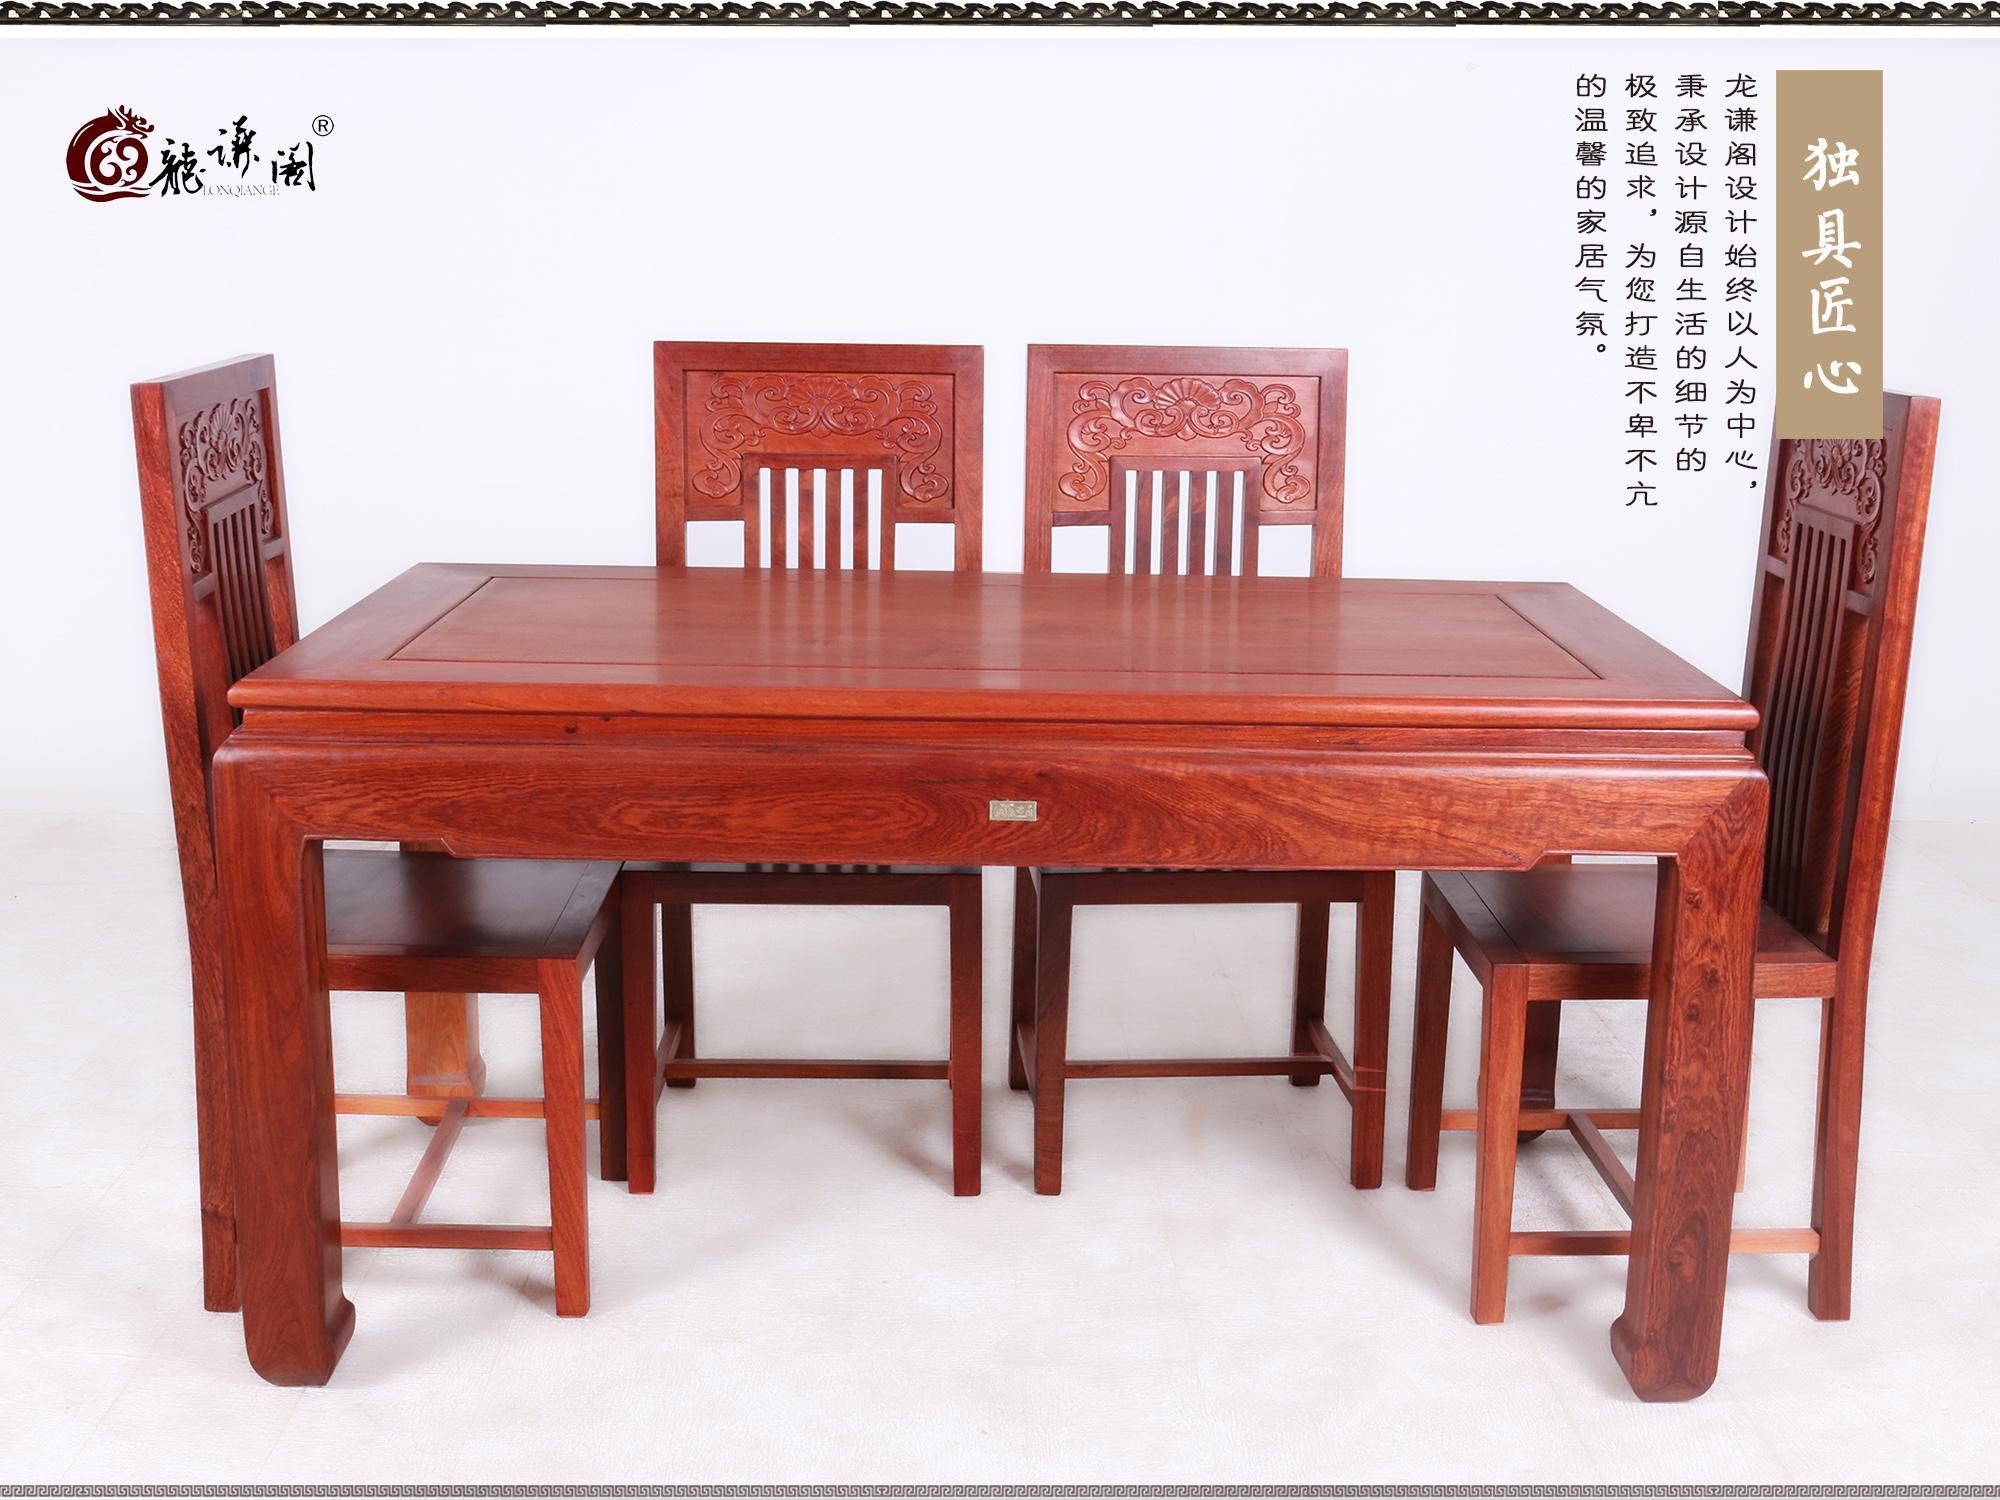 新中式餐桌七件套_龙谦阁红木文化艺术馆官网